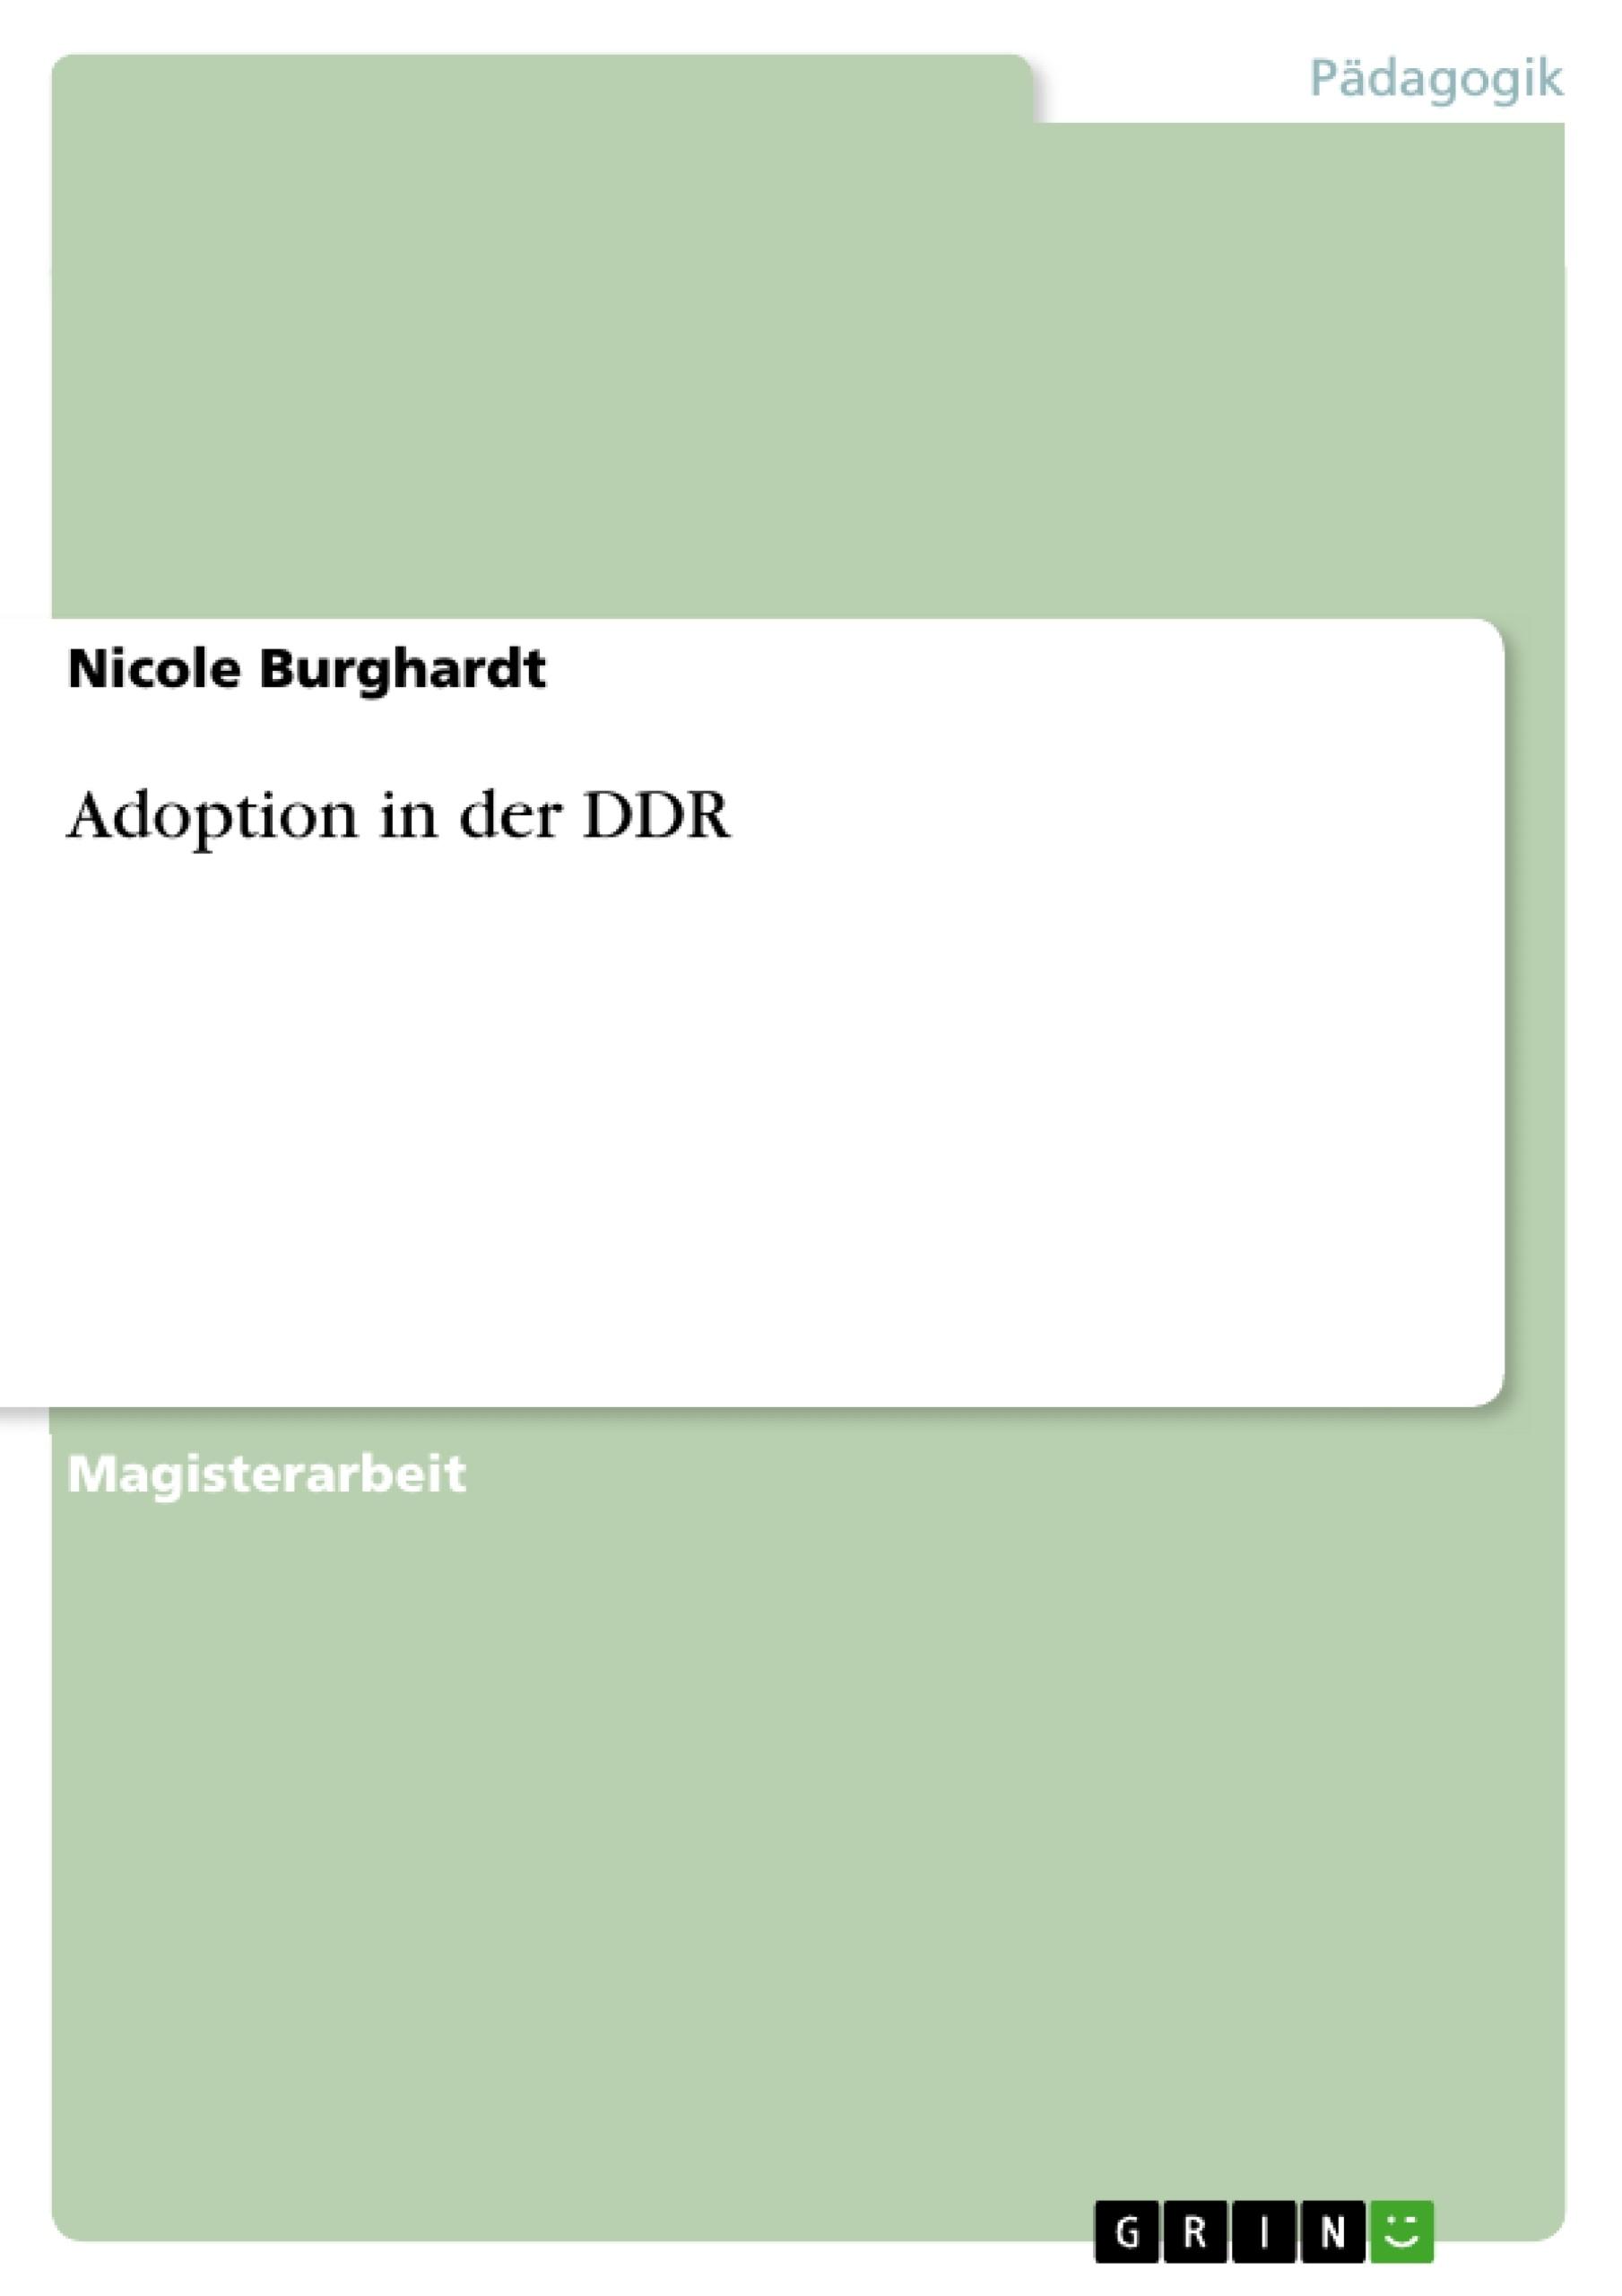 Titel: Adoption in der DDR